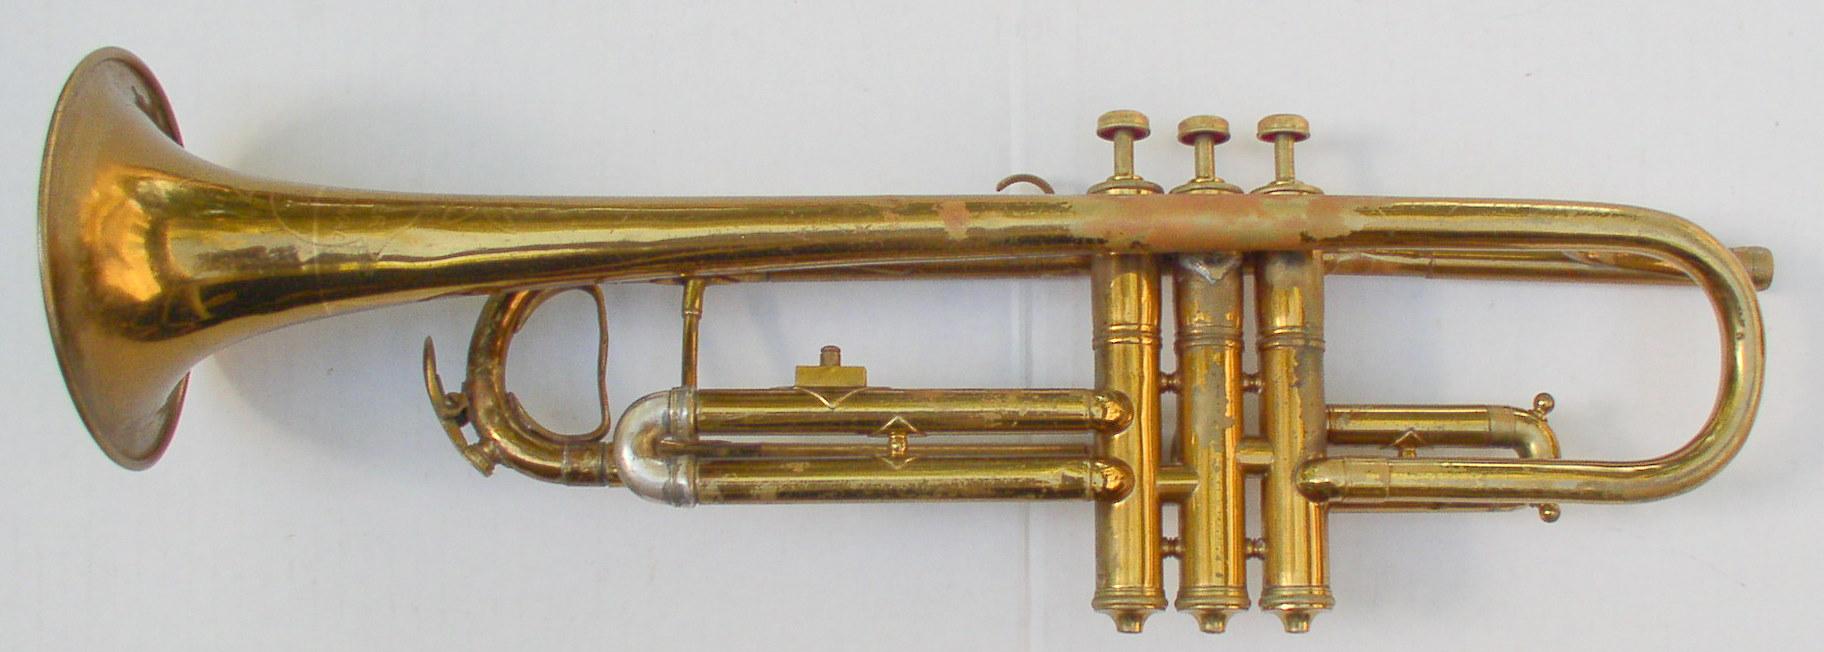 Vintage Wurlitzer Professional Brass Trumpet Valves Slides Operate ...